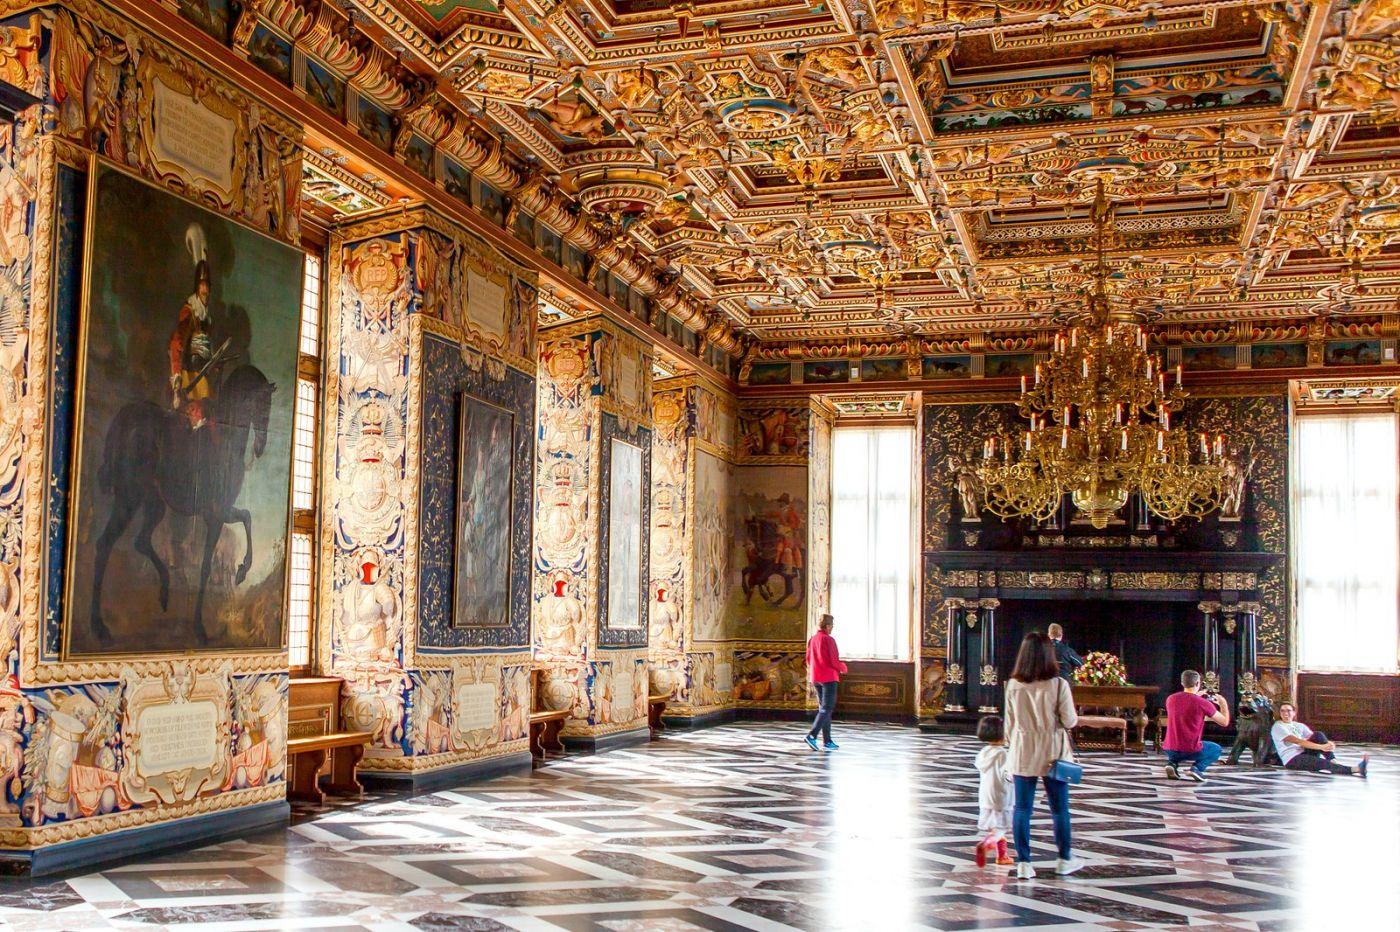 丹麦腓特烈堡城堡,金碧辉煌的大厅_图1-1